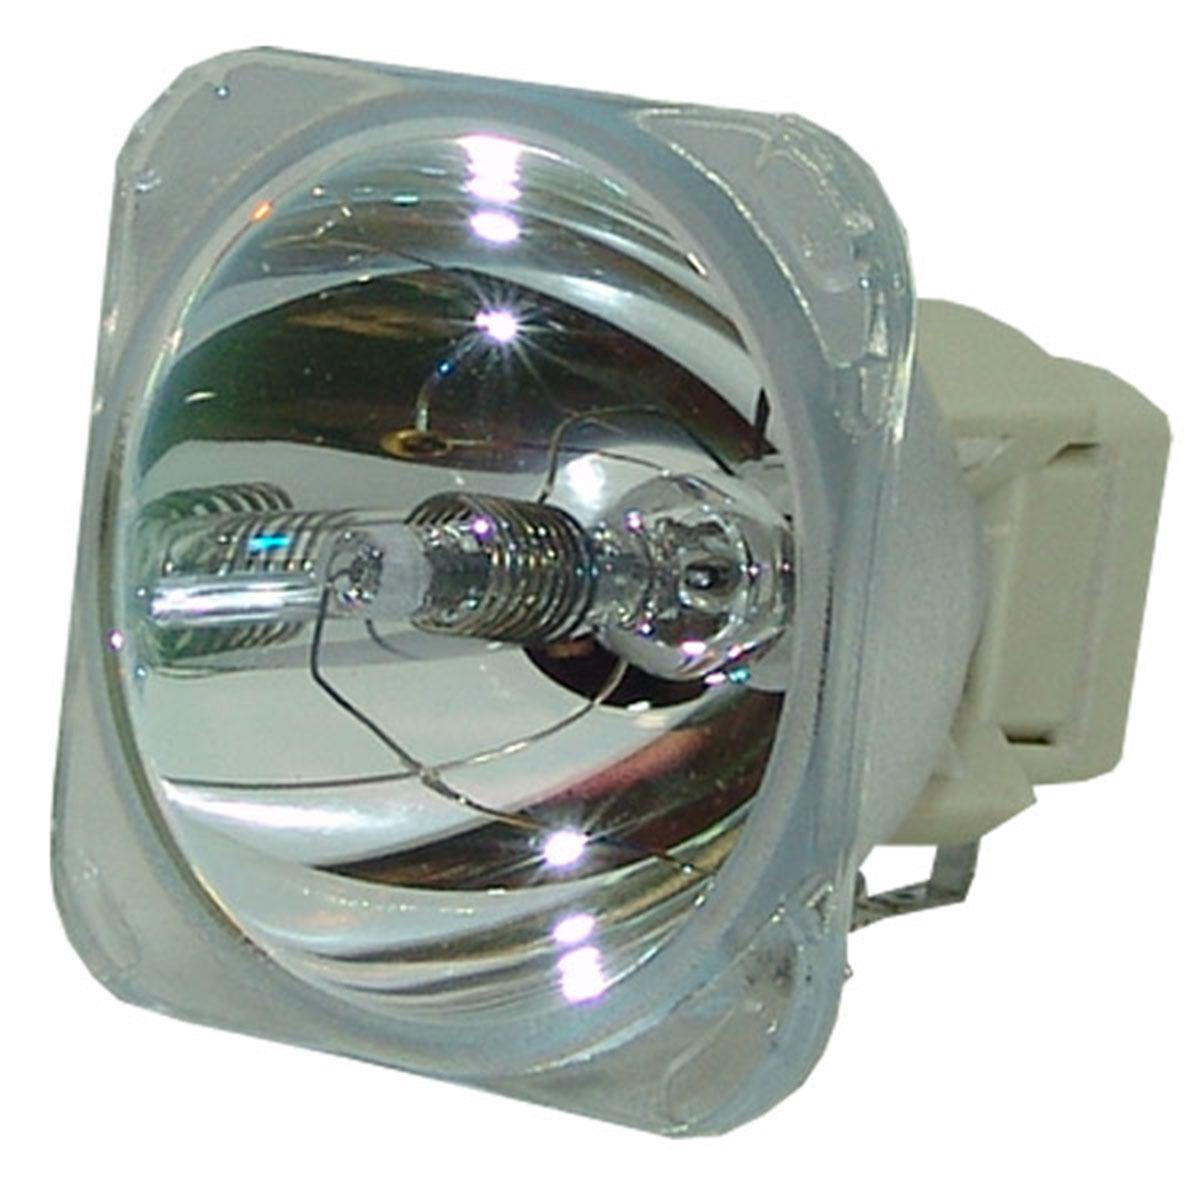 Compatible Bare Bulb 5811100818-S 5811100818S for VIVITEK D6000 D6010 D6500 D6510 Projector Lamp Bulbs without housing 5811100818 s original projector lamp bulb for vivitek d6000 vivitek d6010 vivitek d6500